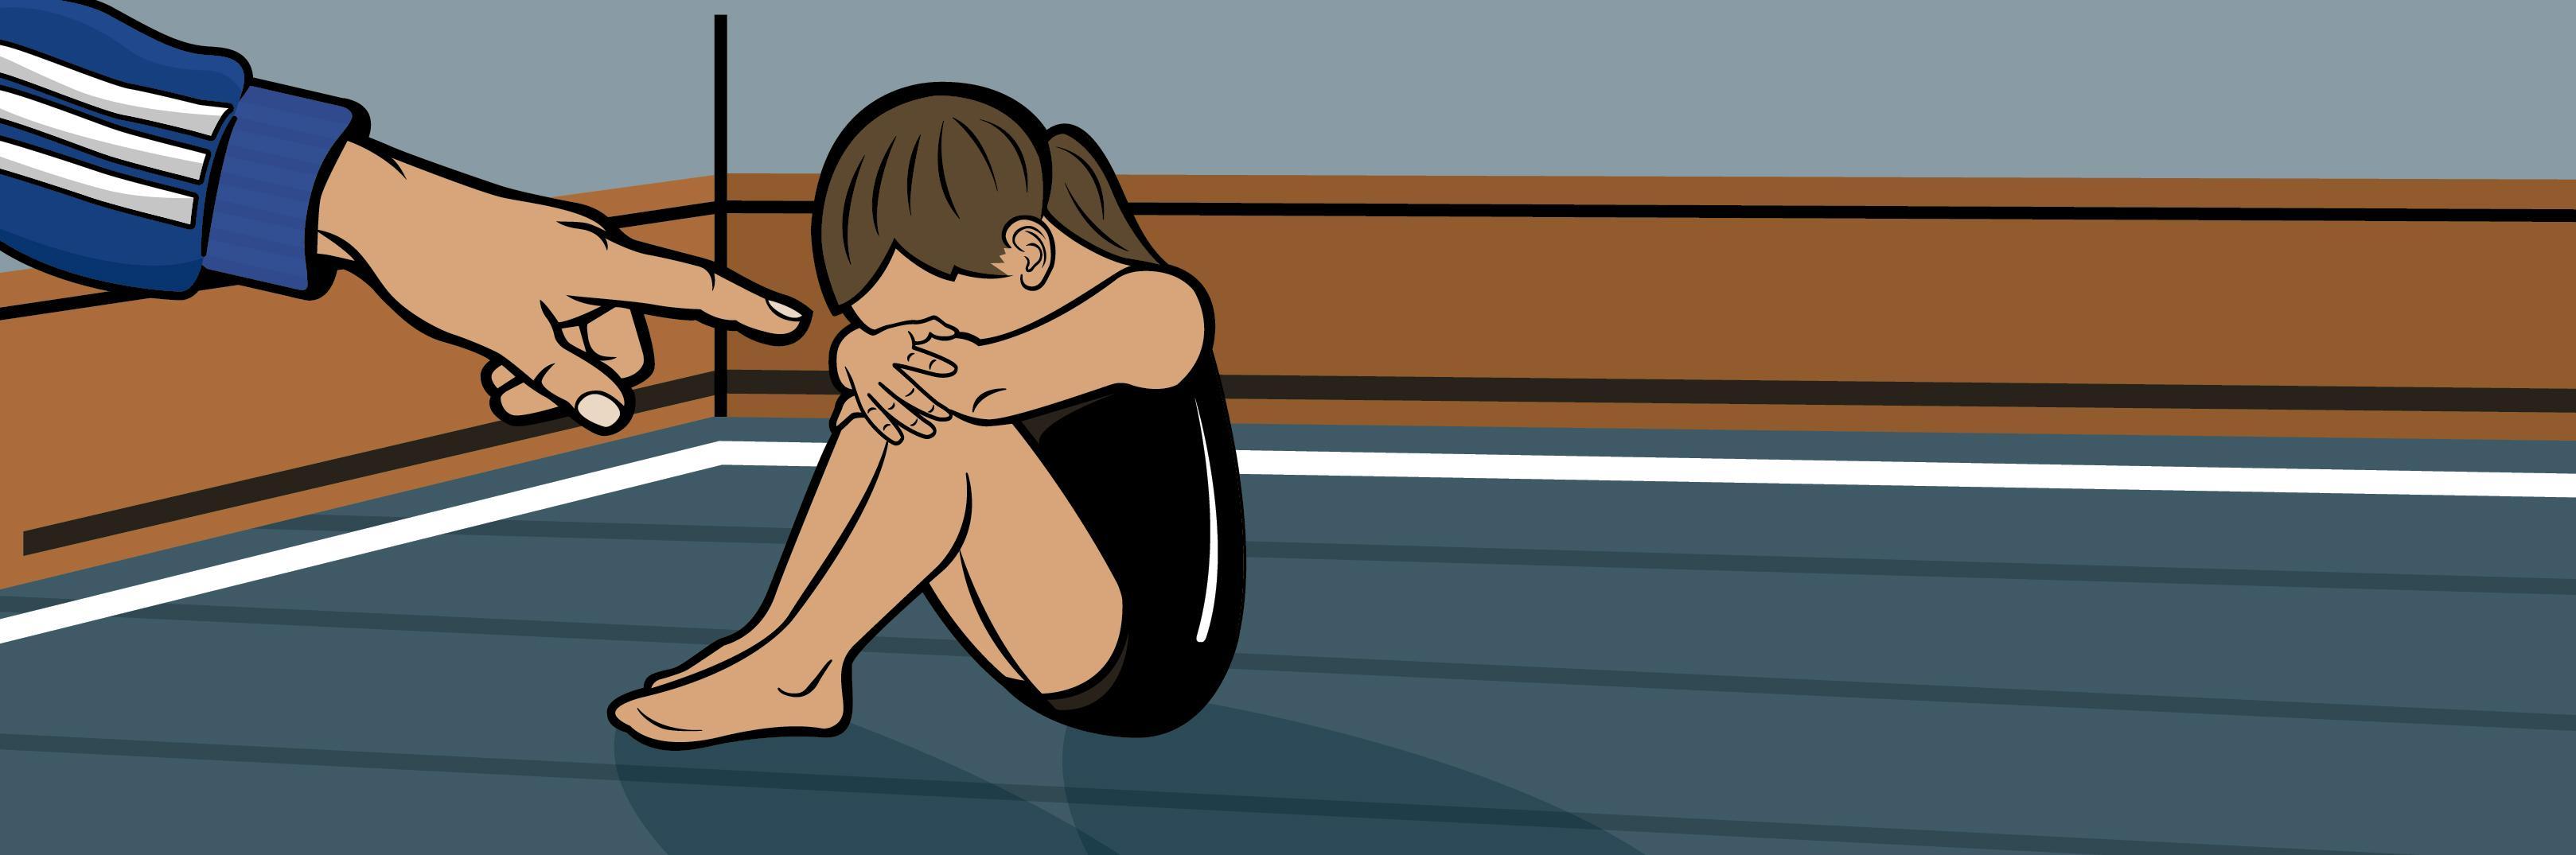 Turncoach Gerrit Beltman verbreekt stilzwijgen over zijn onmenselijke trainingsmethoden: 'Ik mishandelde en vernederde jonge turnsters om medailles te winnen. Ik schaam me diep'